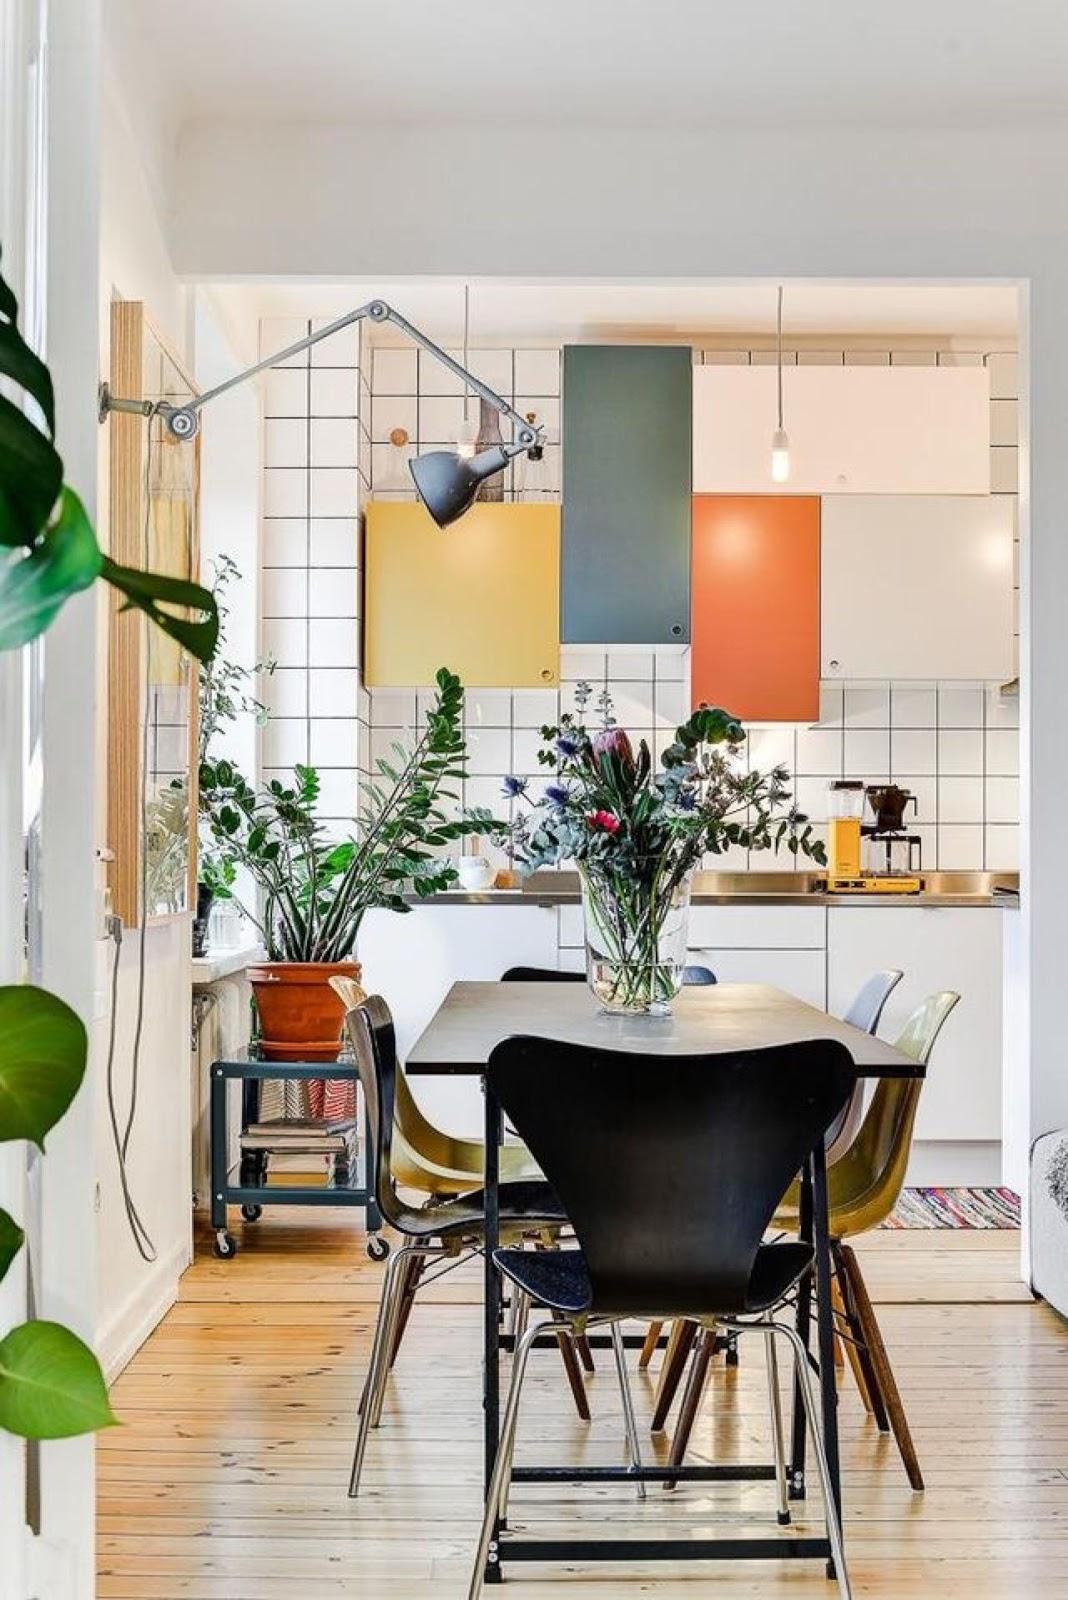 cozinha integrada decoração colorida